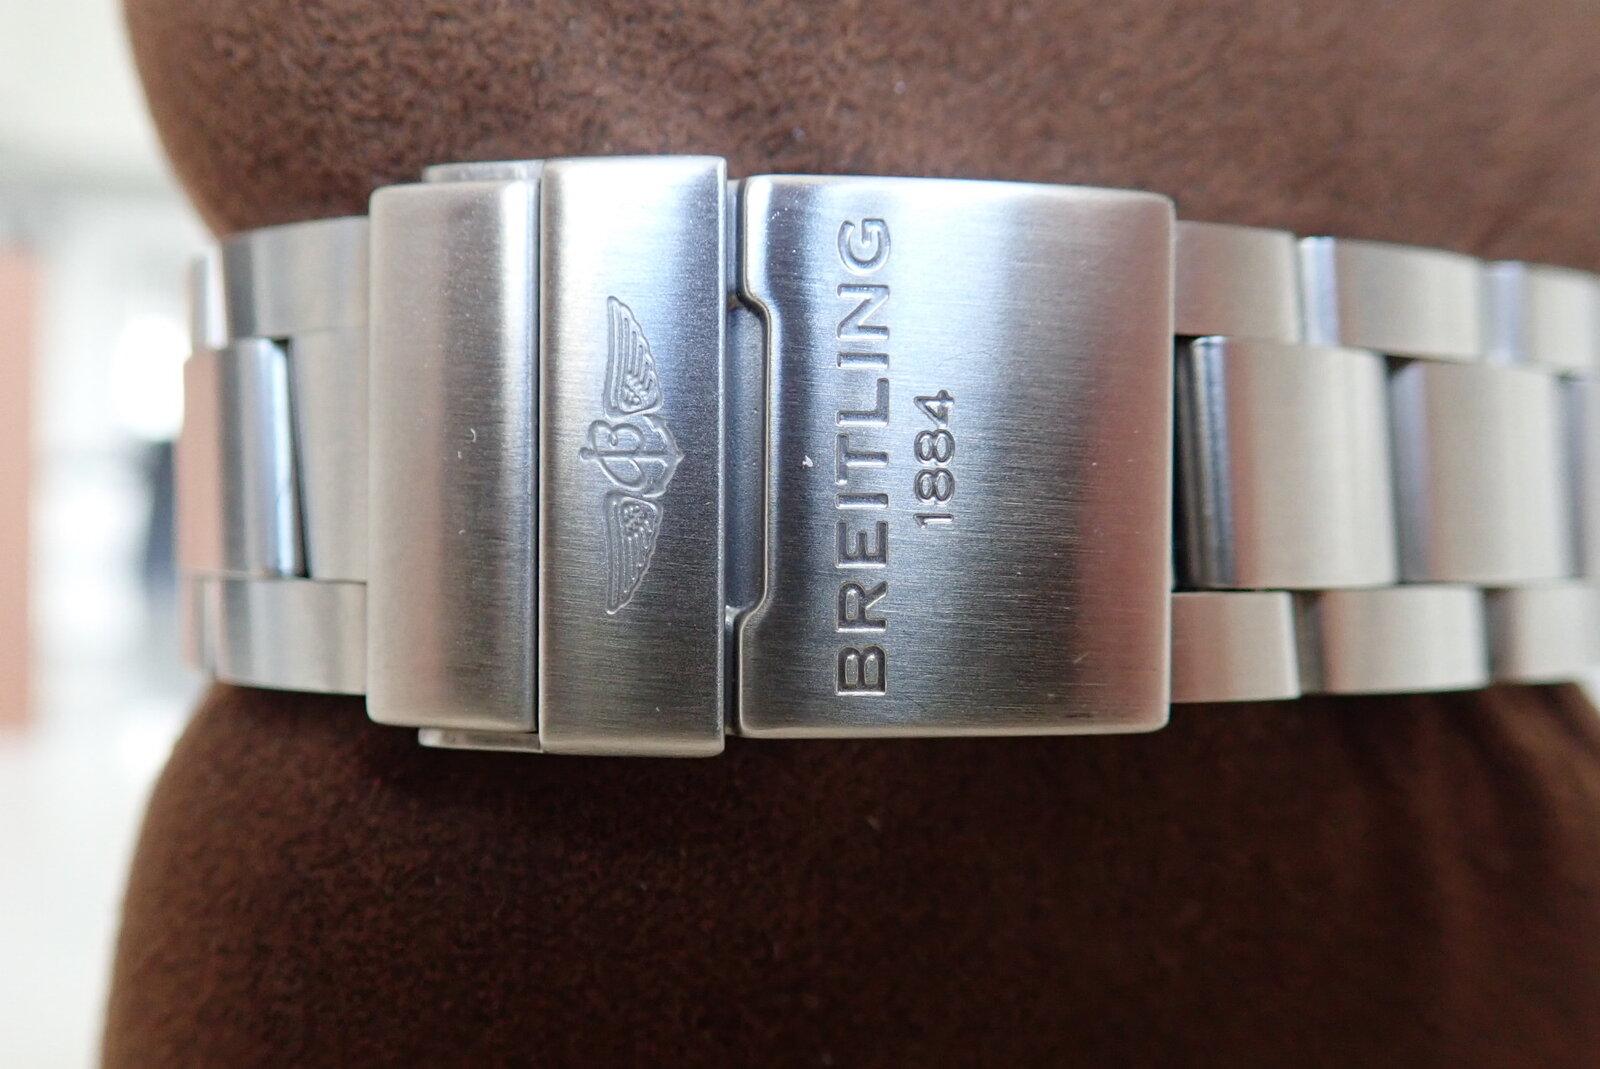 226ACF4E-DF85-400B-914D-9642E8BBD170.